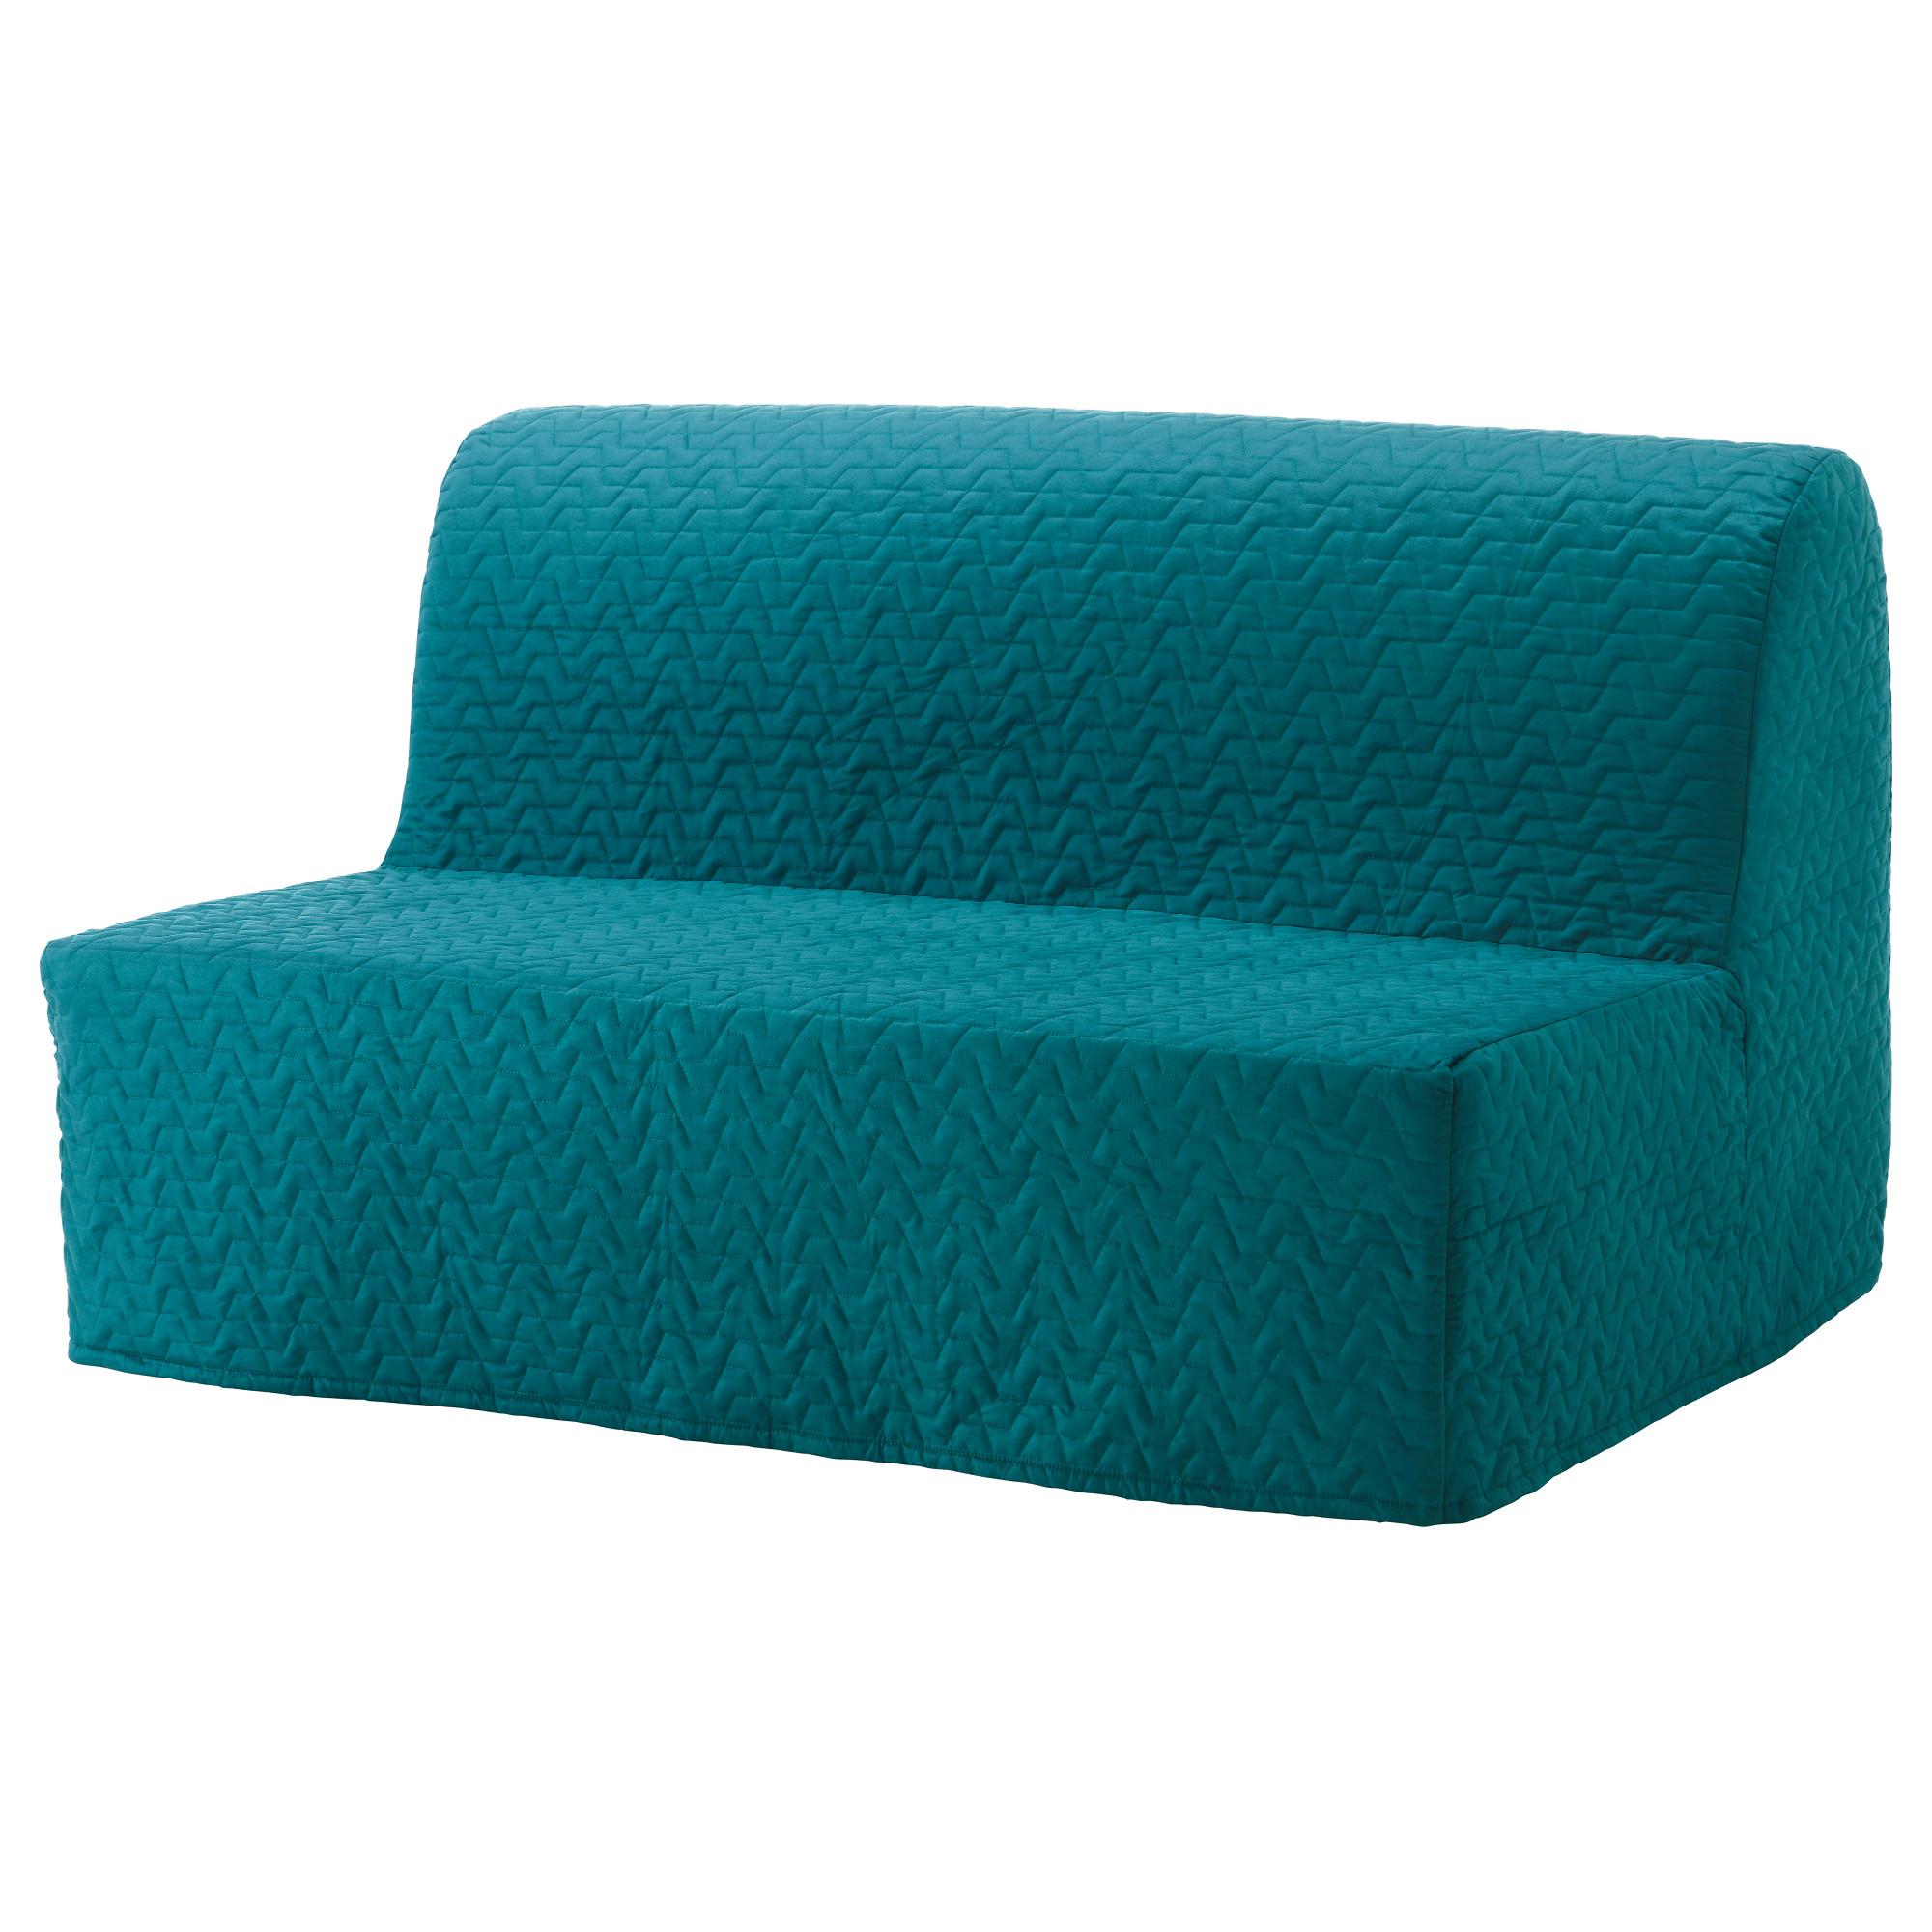 2-местный диван-кровать ЛИКСЕЛЕ МУРБО, Валларум желтый